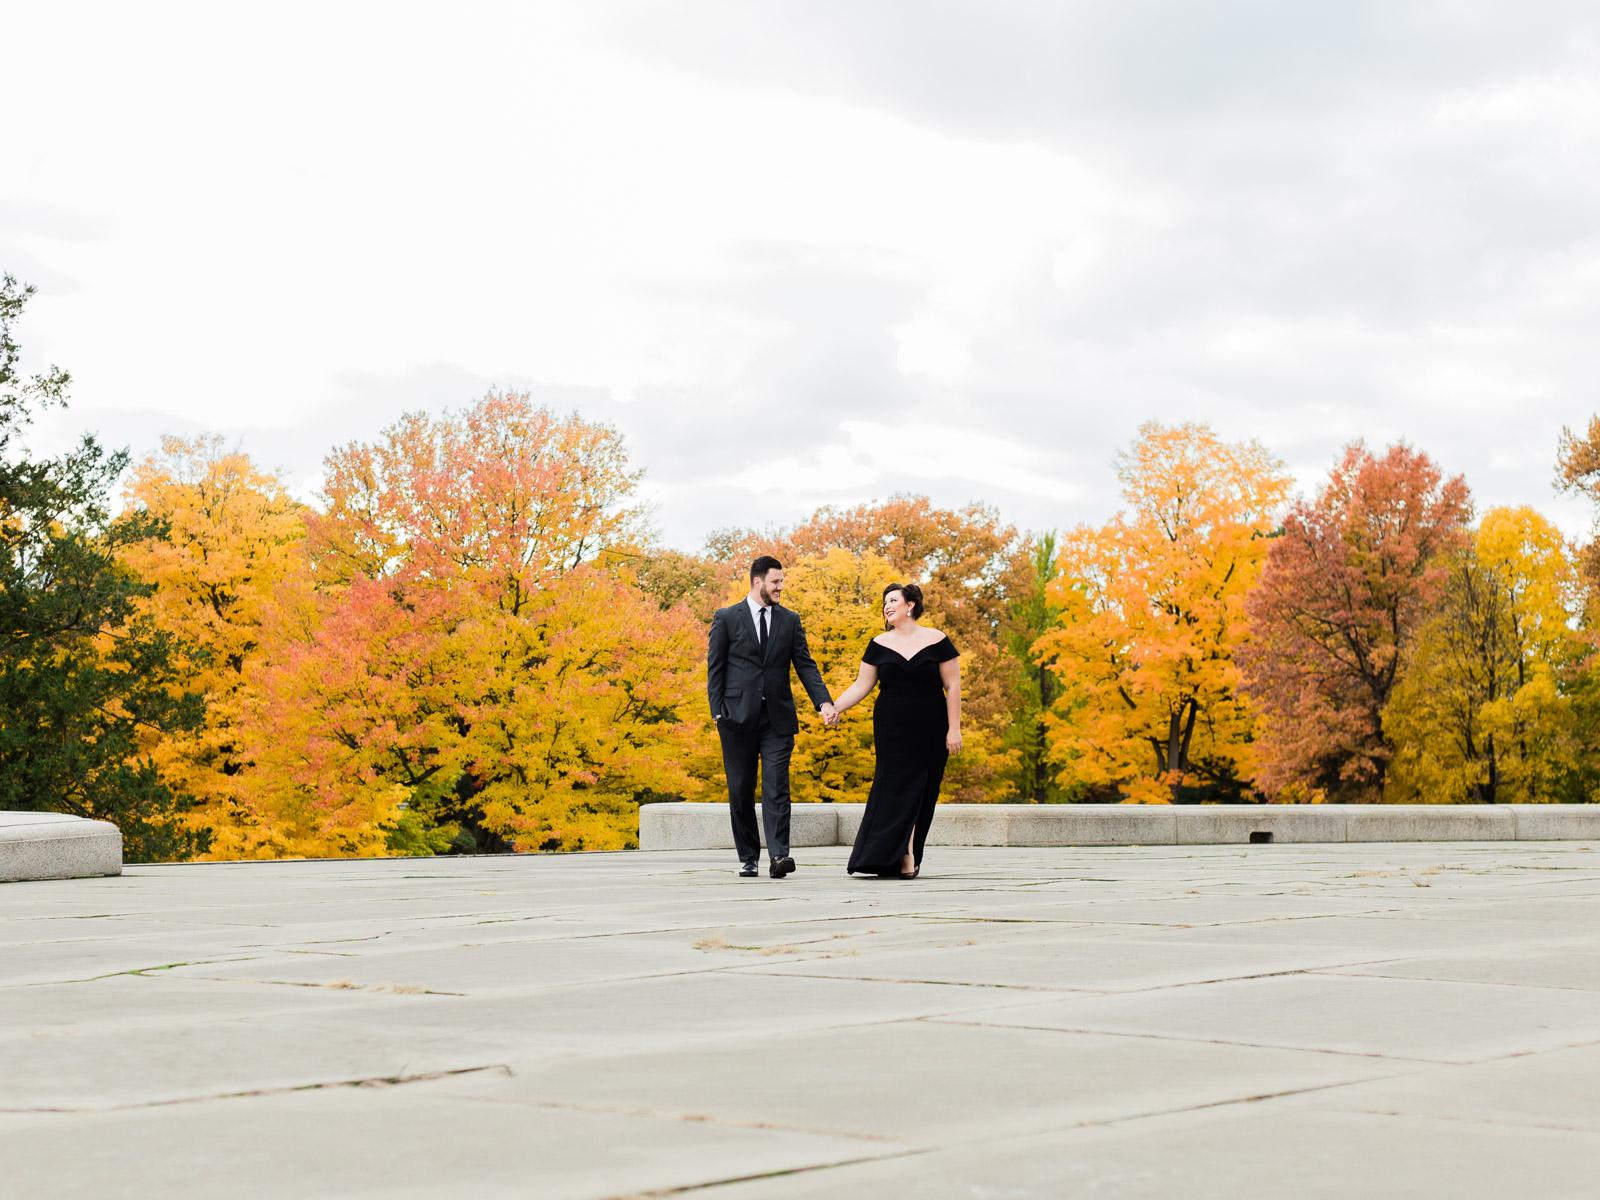 fall-downtown-canton-engagement-photo-ideas-matt-erickson-photography-17.jpg